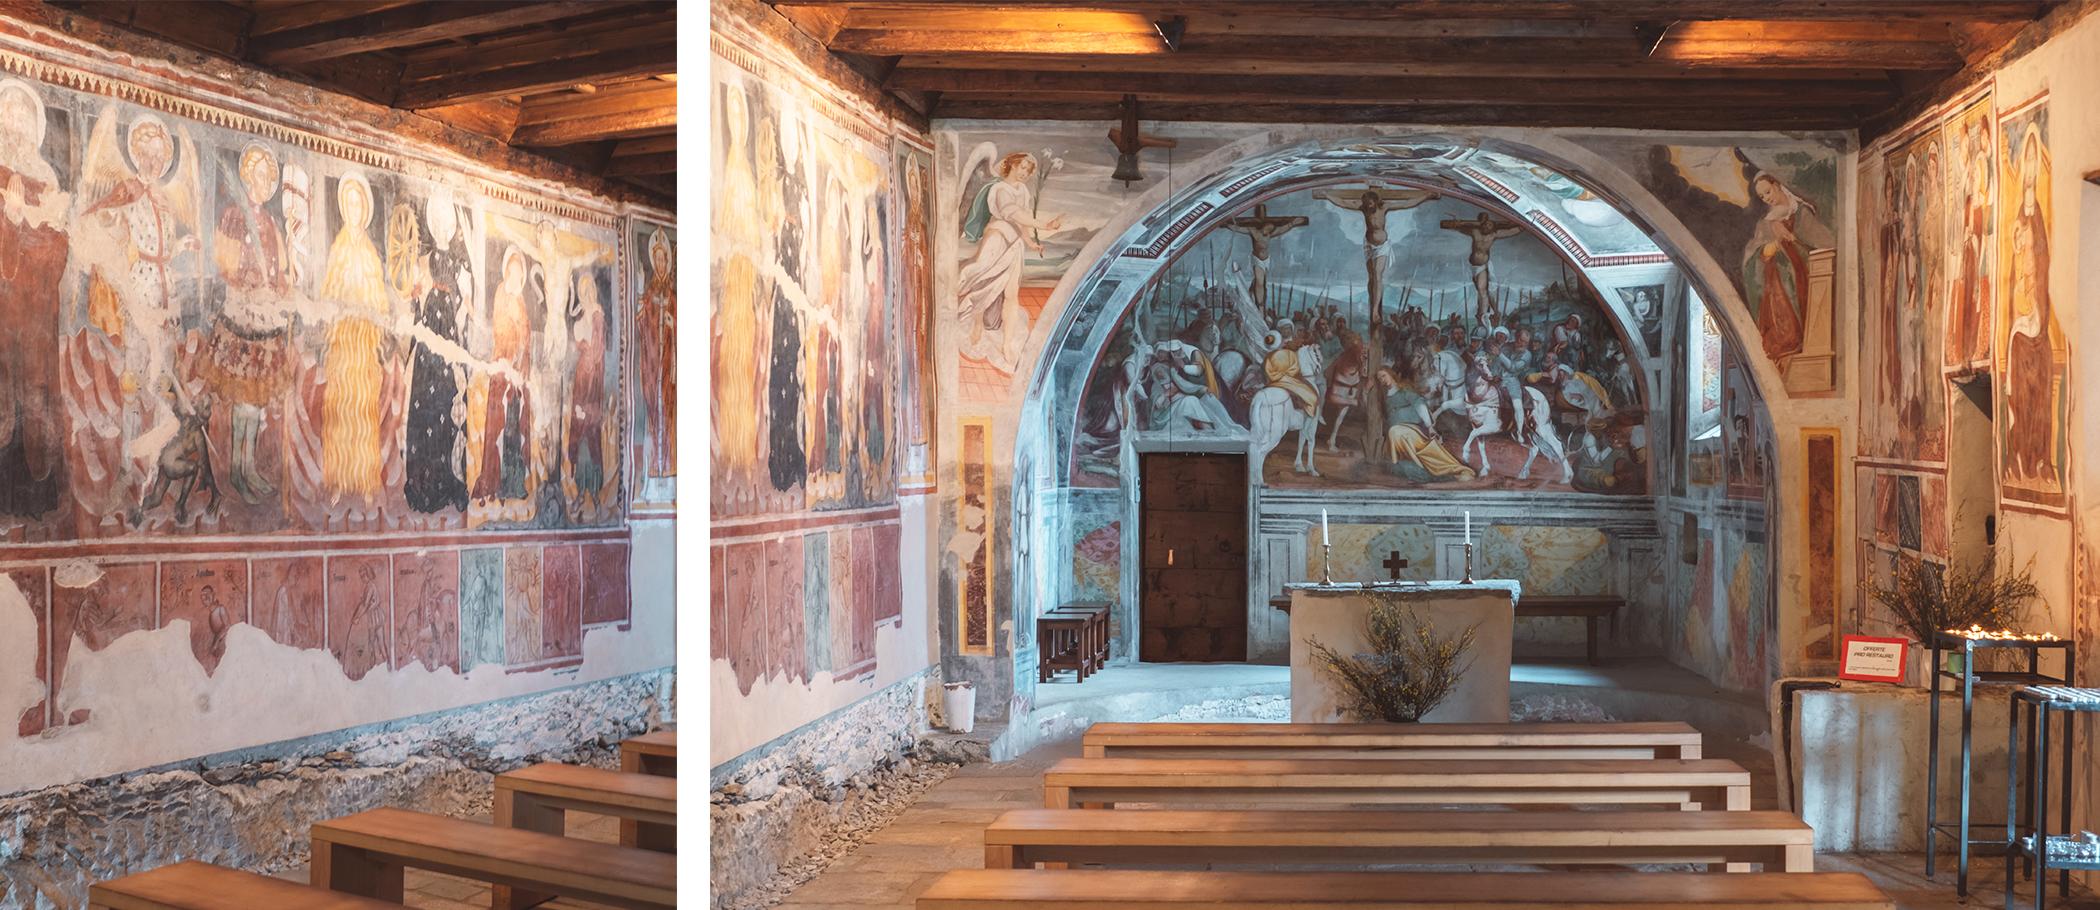 Les fresques de l'église romane Saint-Bernard